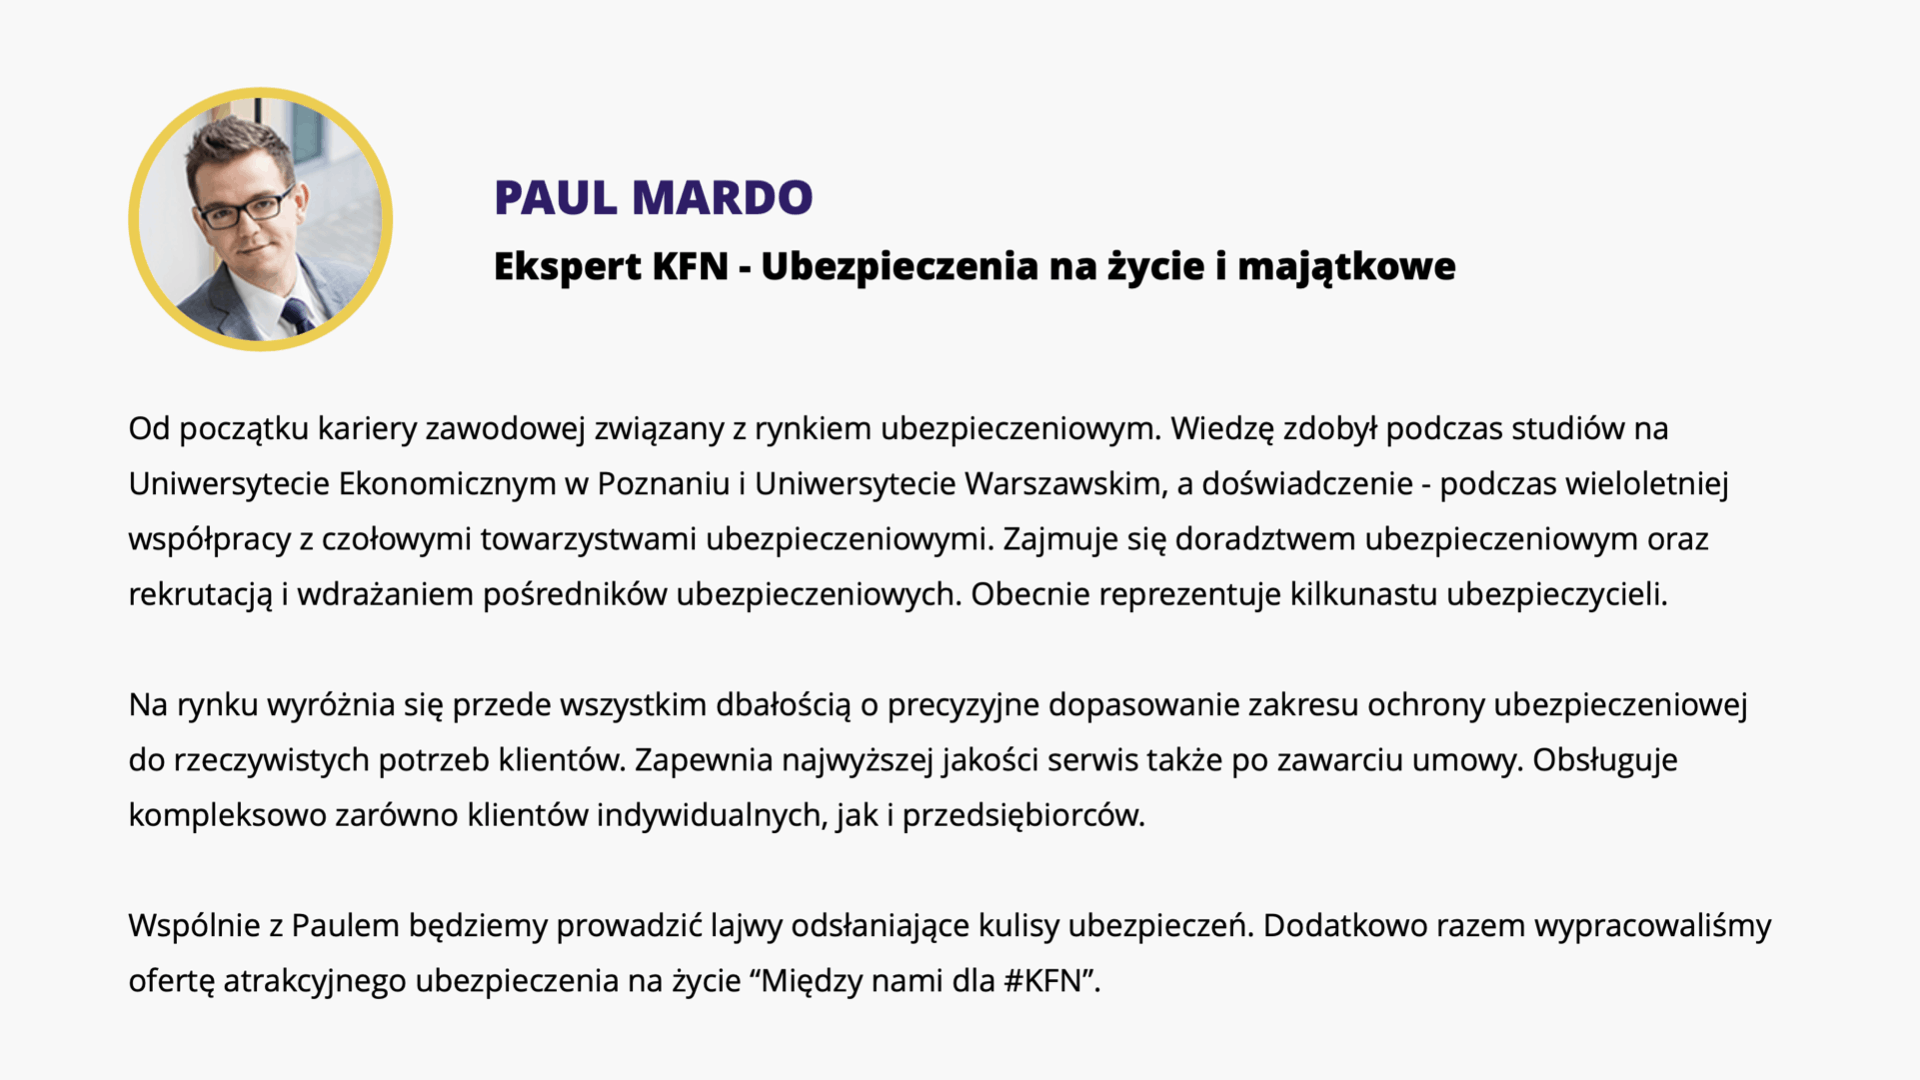 Paul Mardo